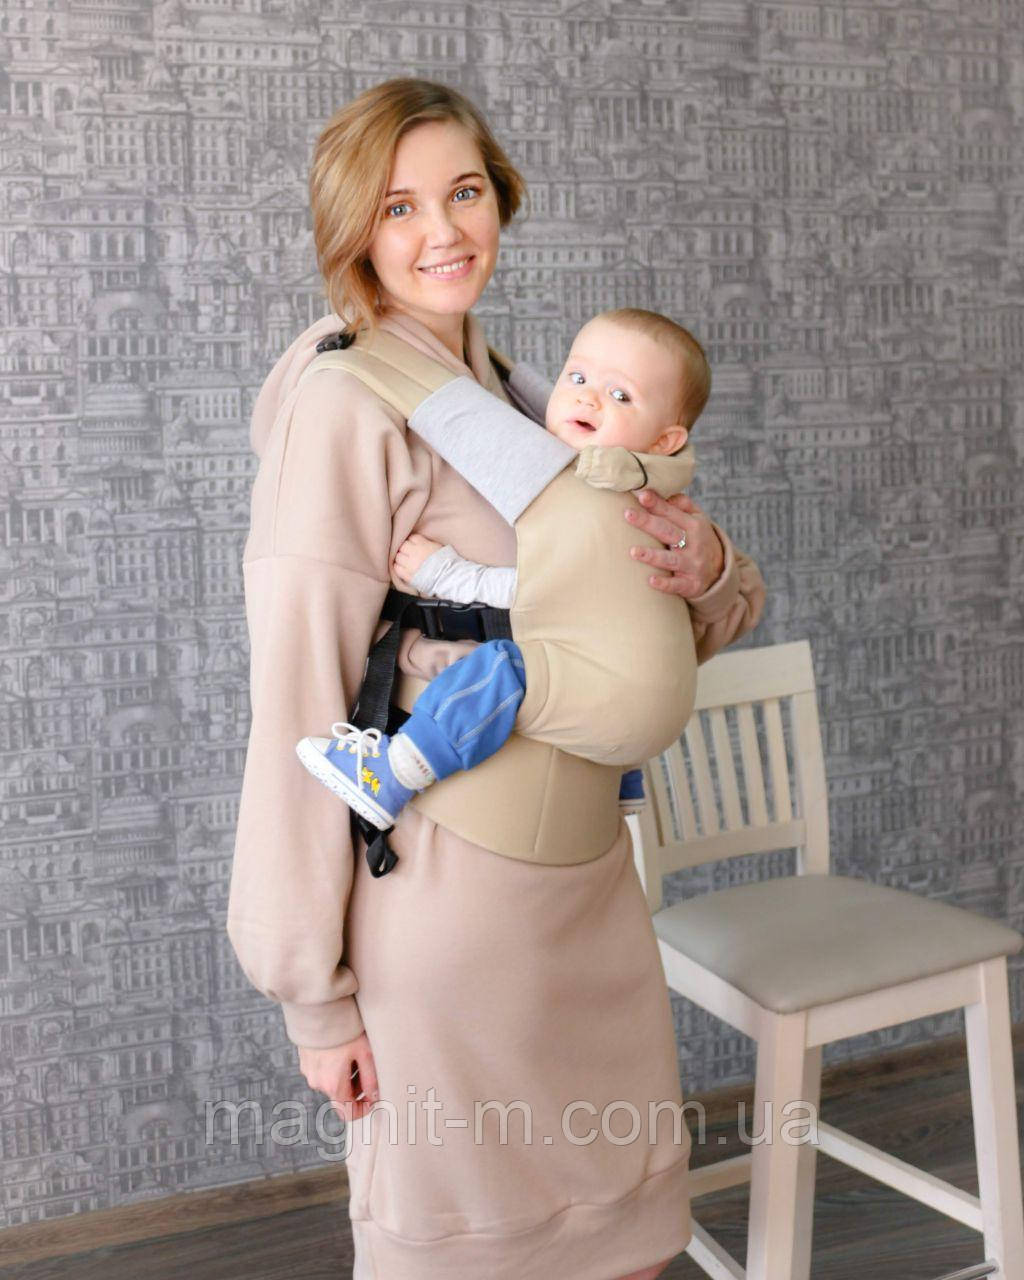 """Эрго-рюкзак """"ForKids"""" Жемчуг, летний хлопок, для детей от 10-11 кг, второй размер"""